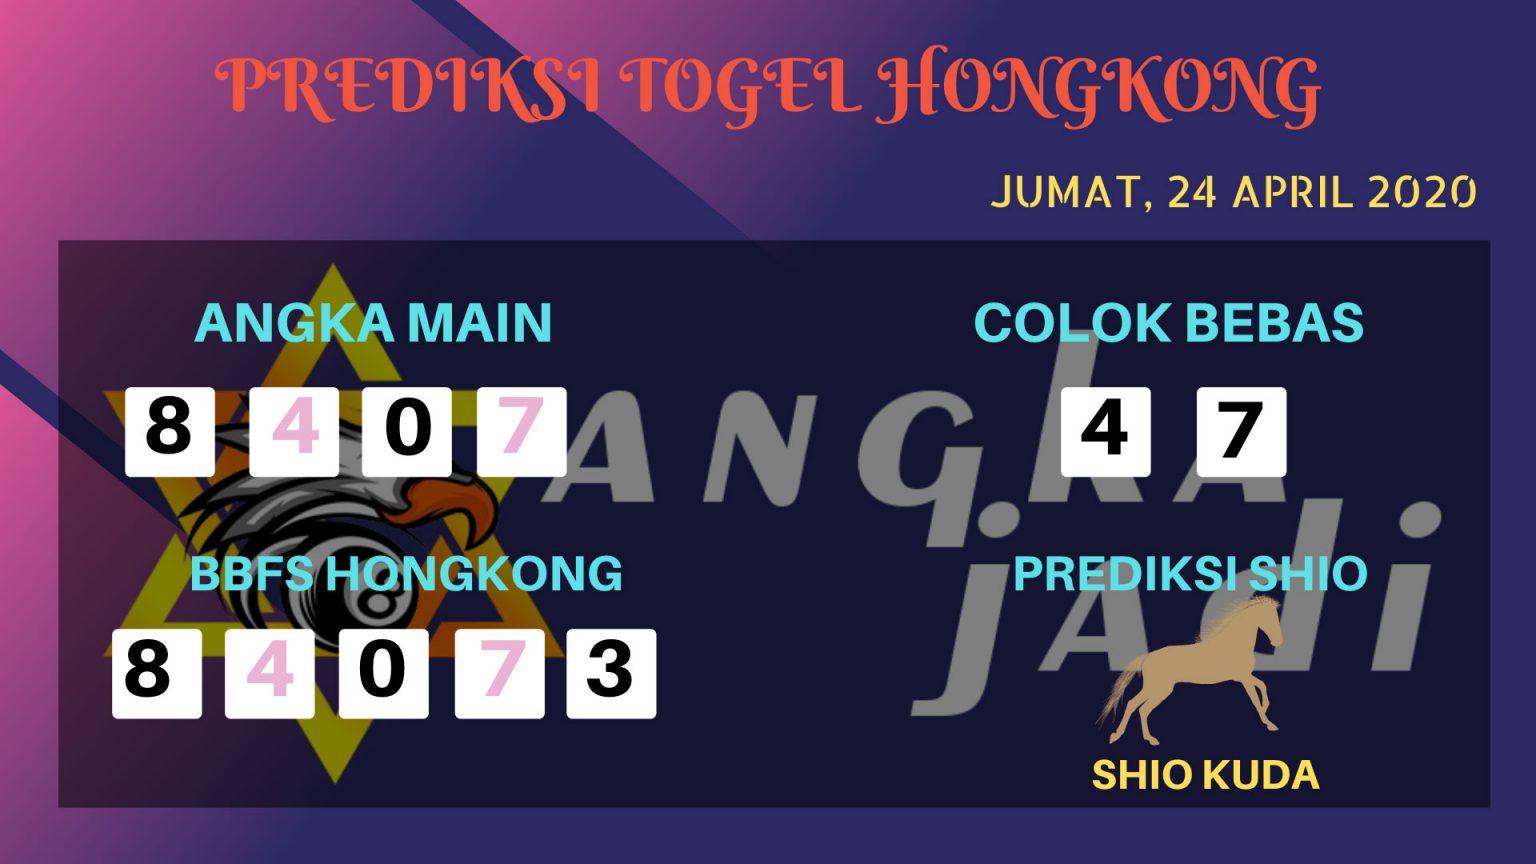 Prediksi HK 24 April 2020 - Prediksi Angka HK